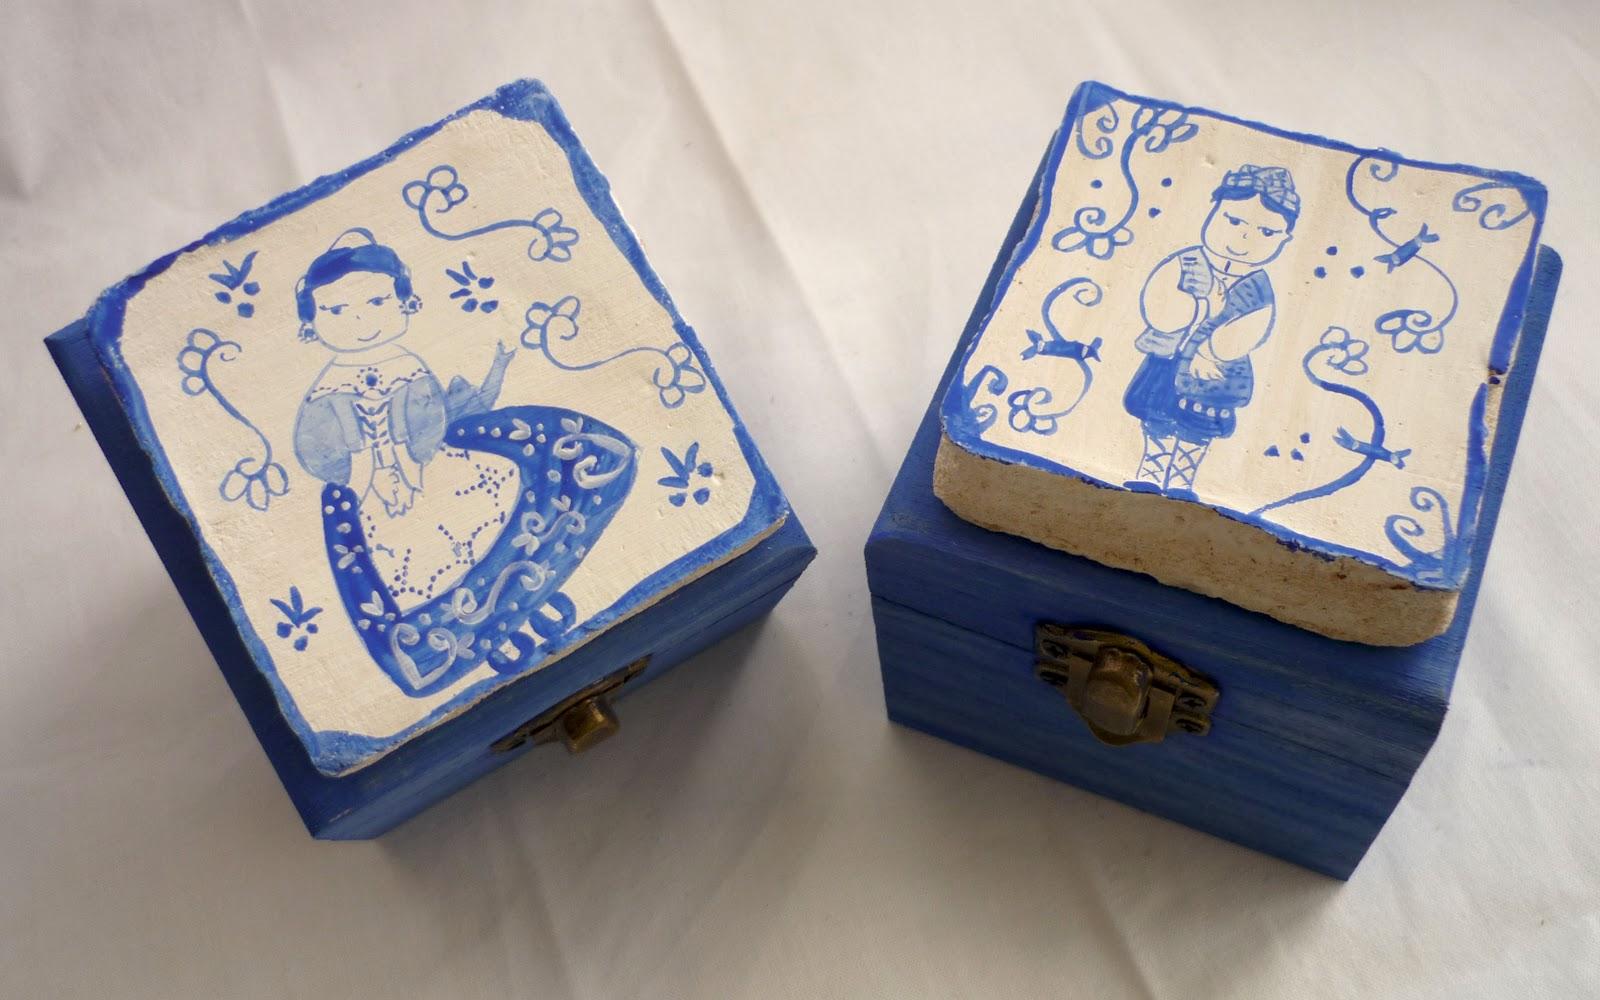 Articulos valencianos cajas de cenizas Ceramica artesanal valencia